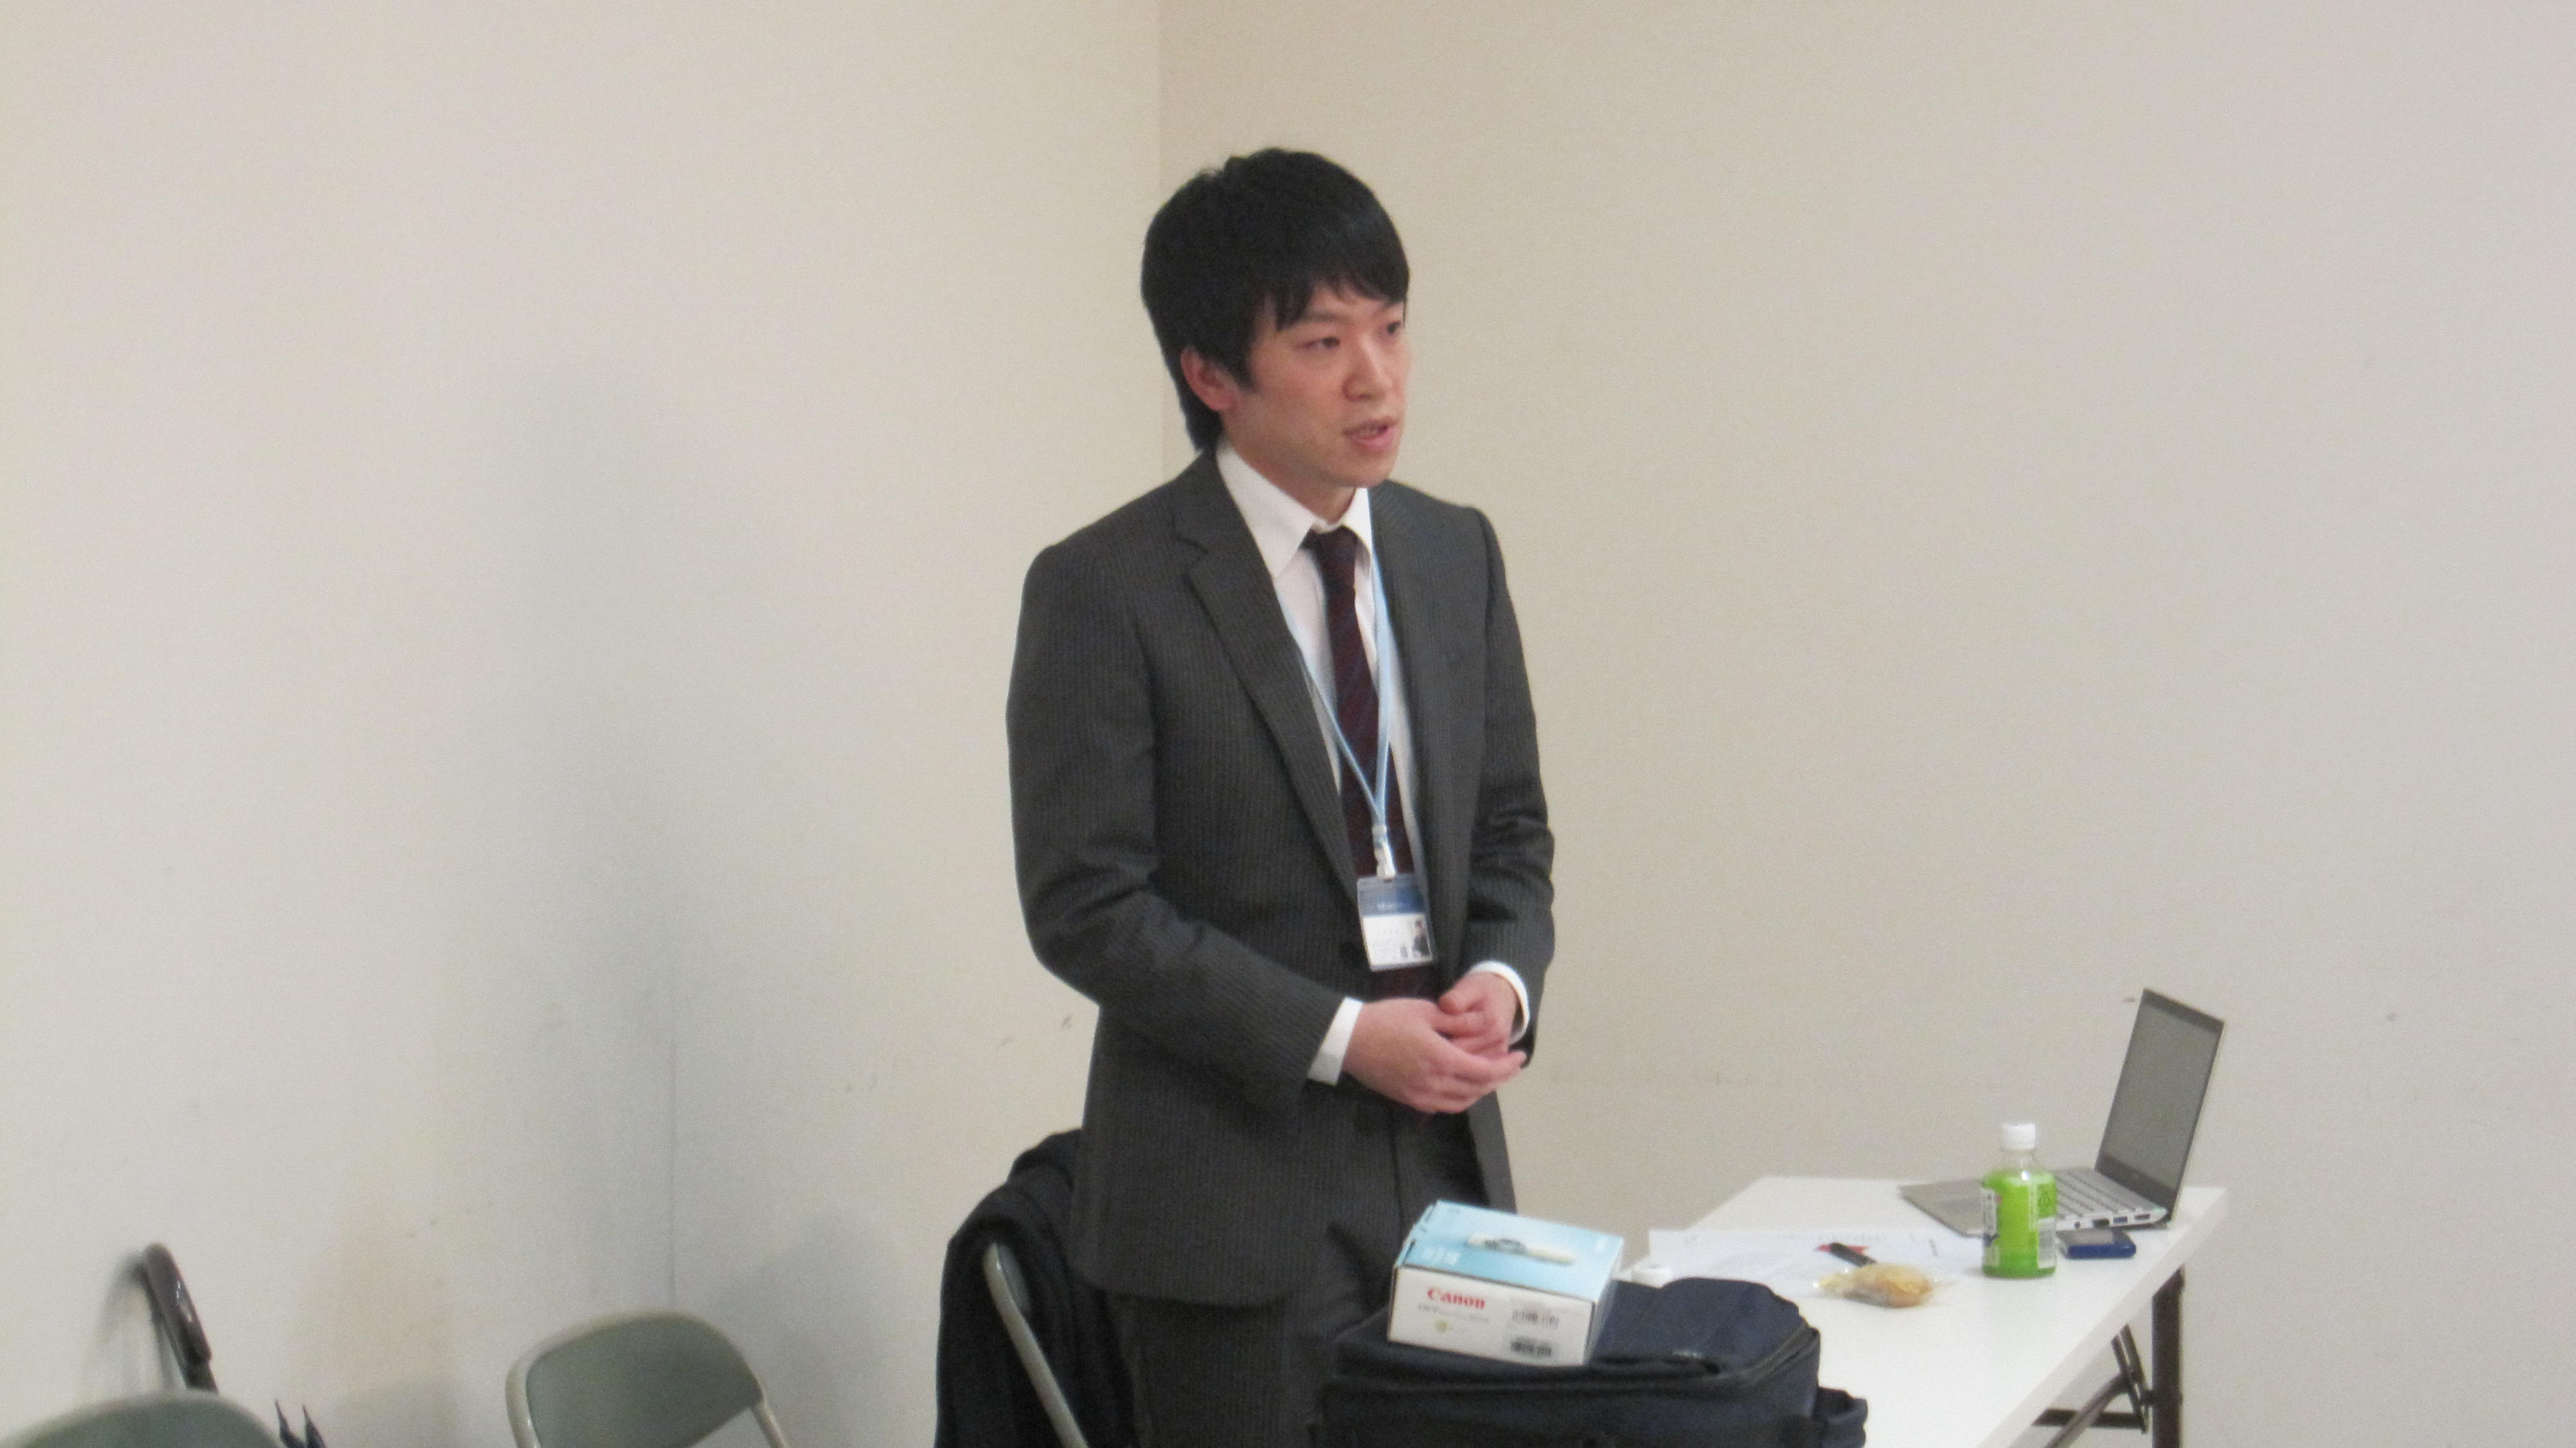 仁井先生 挨拶.JPG